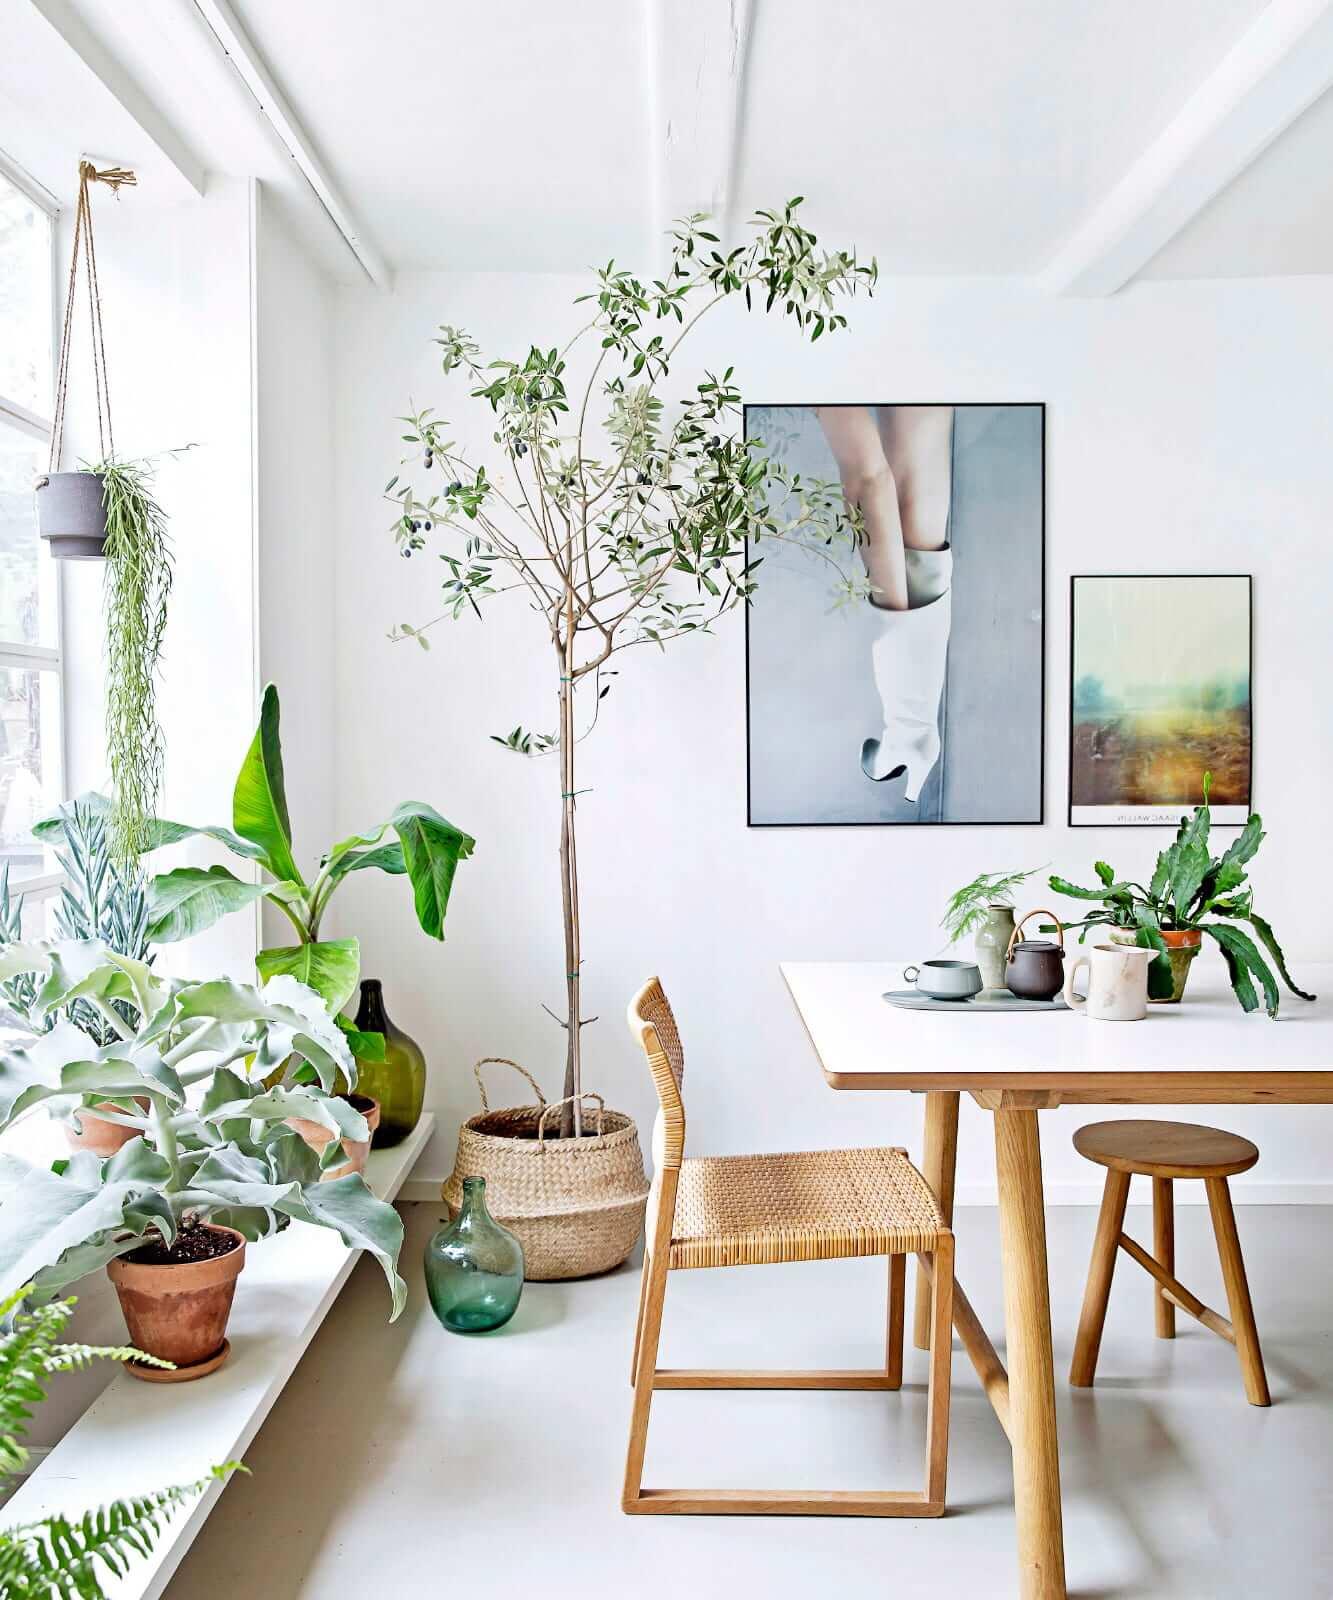 Светлый интерьер гостиной с красивыми комнатными растениями